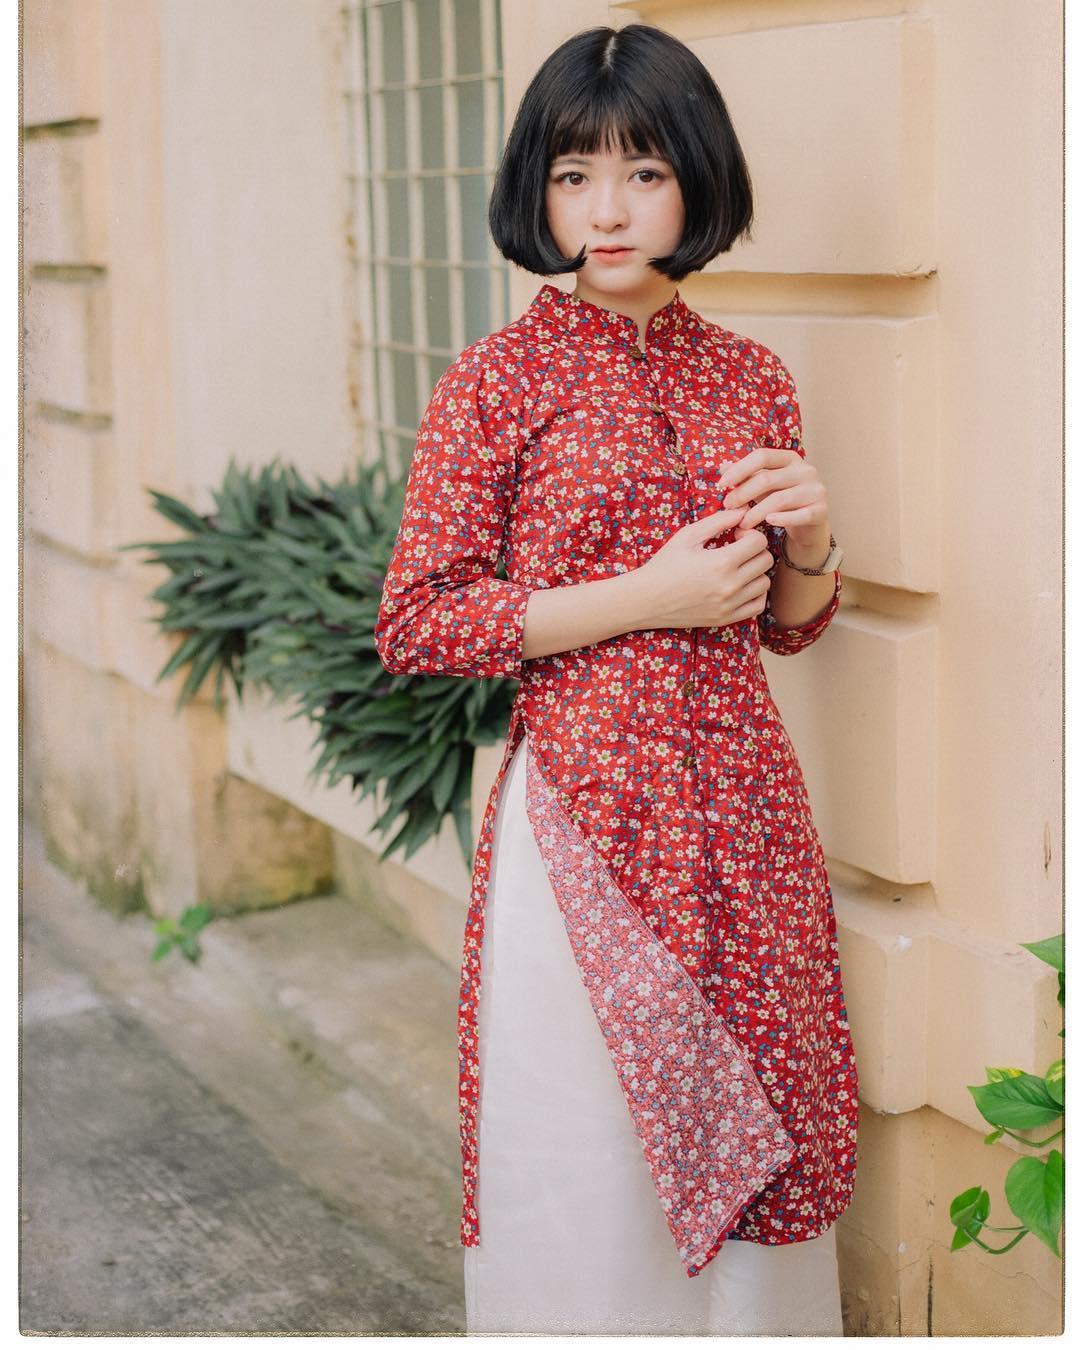 áo dài hoa nhí với váy hoặc quần lửng